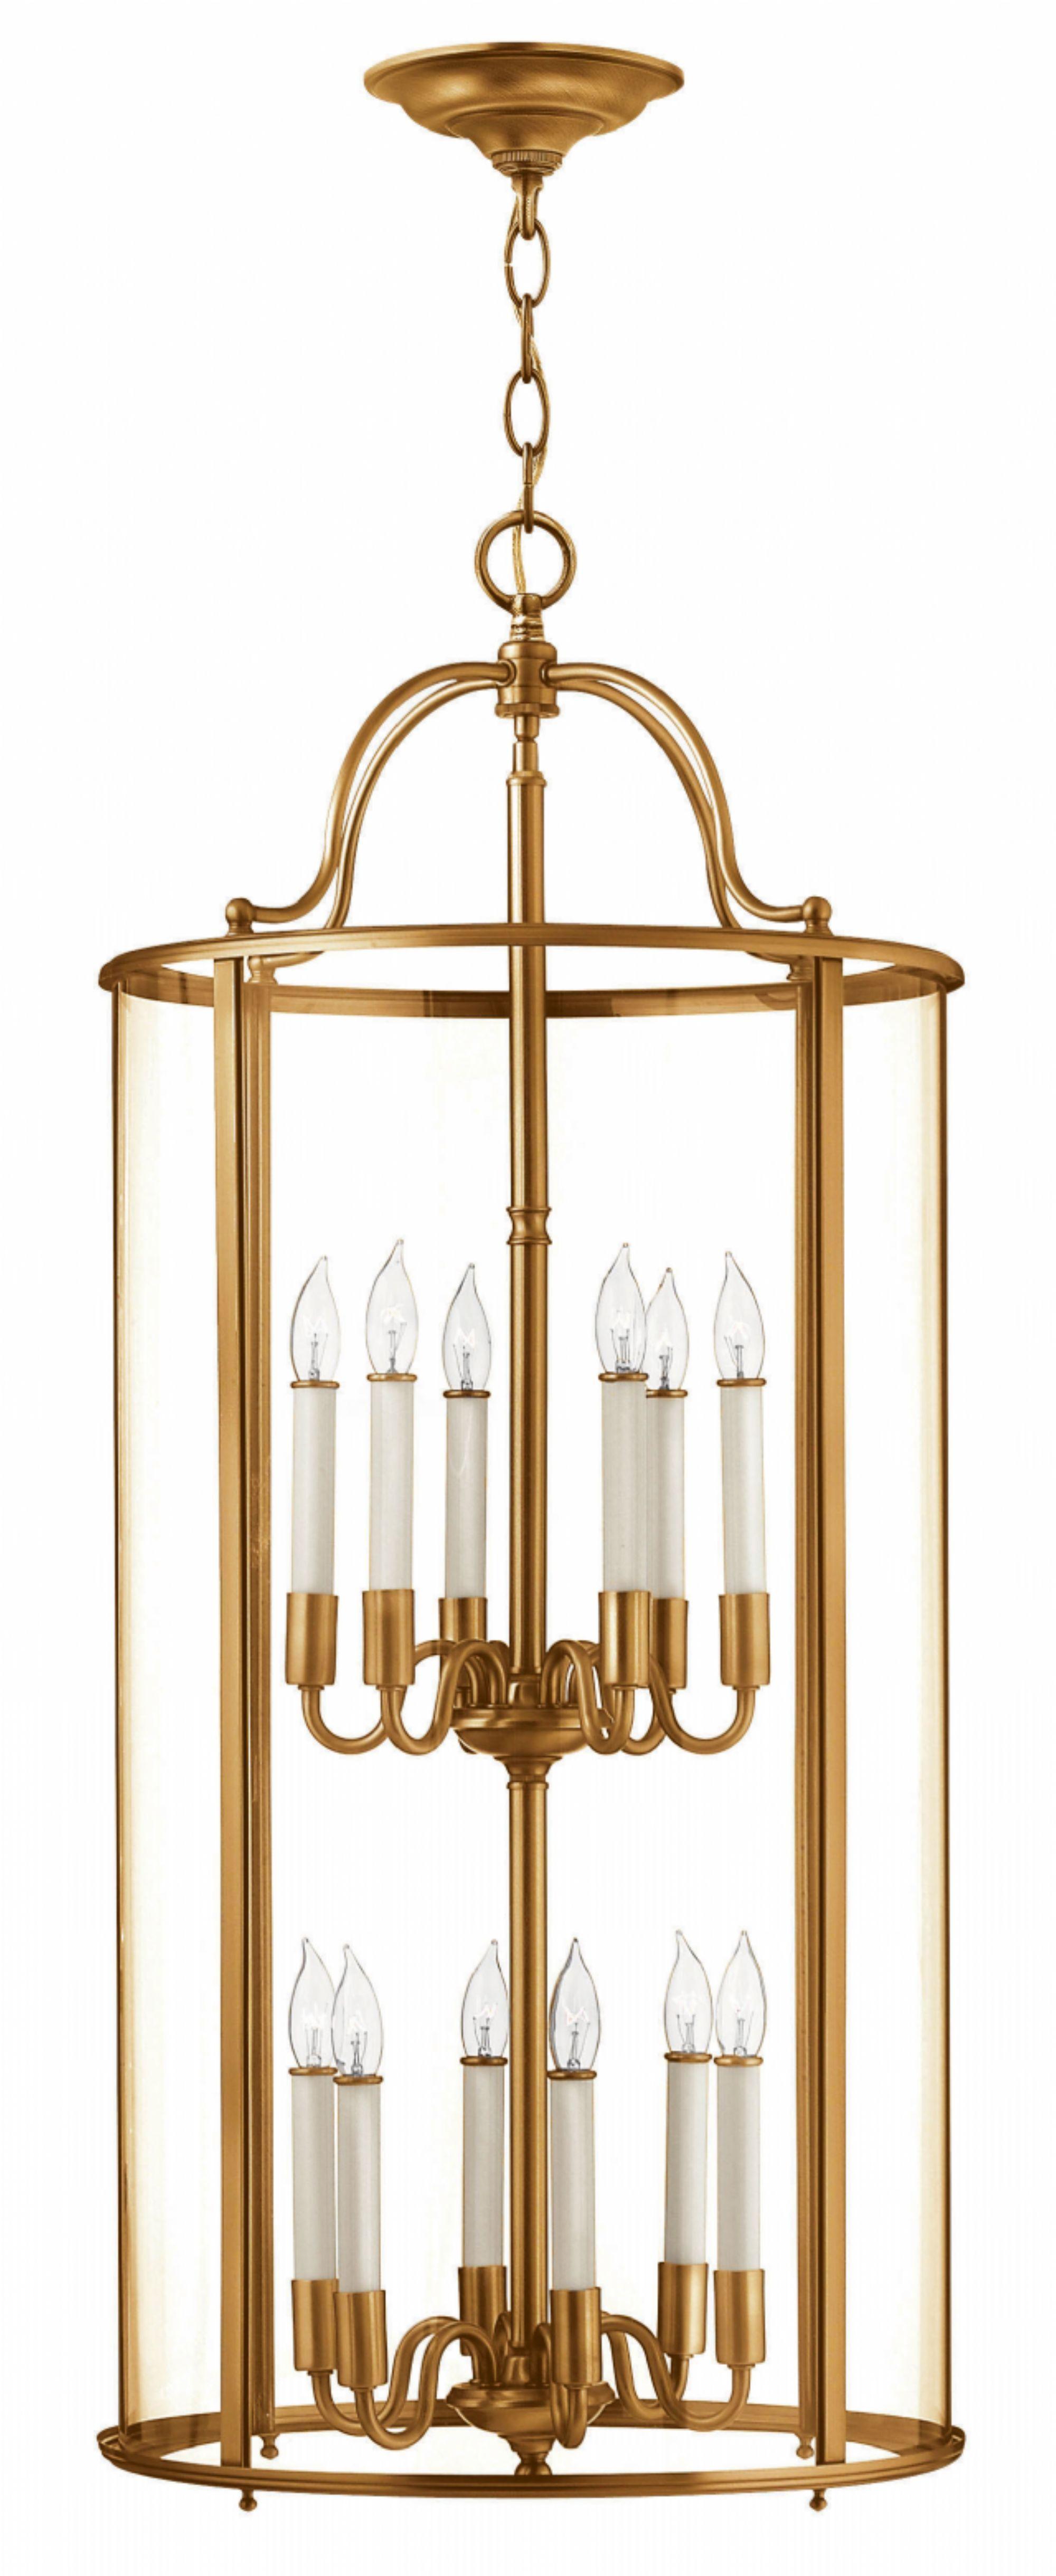 Hinkley lighting gentry hr chandeliers pinterest hinkley